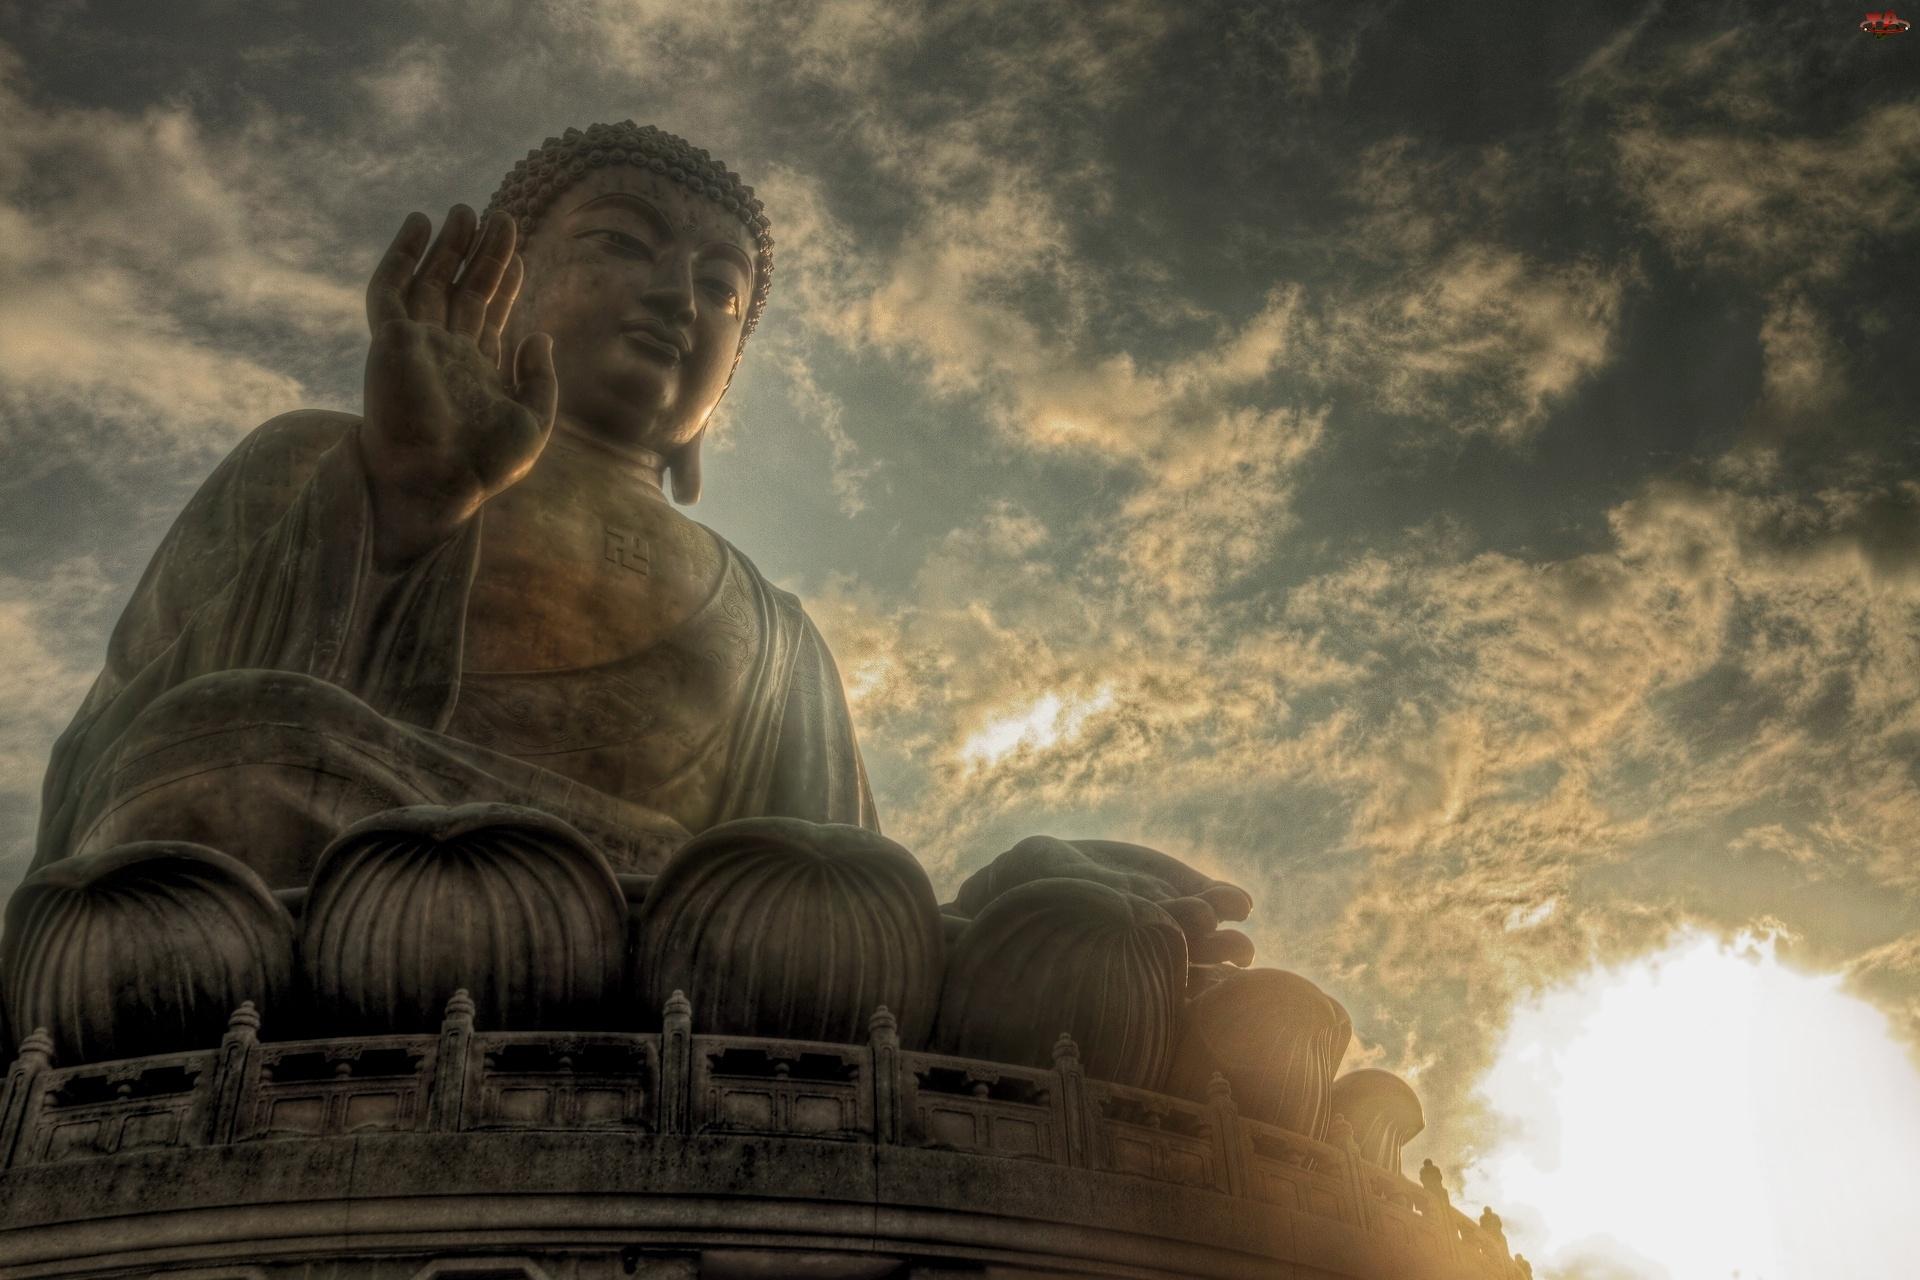 Słońca, Budda, Zachód